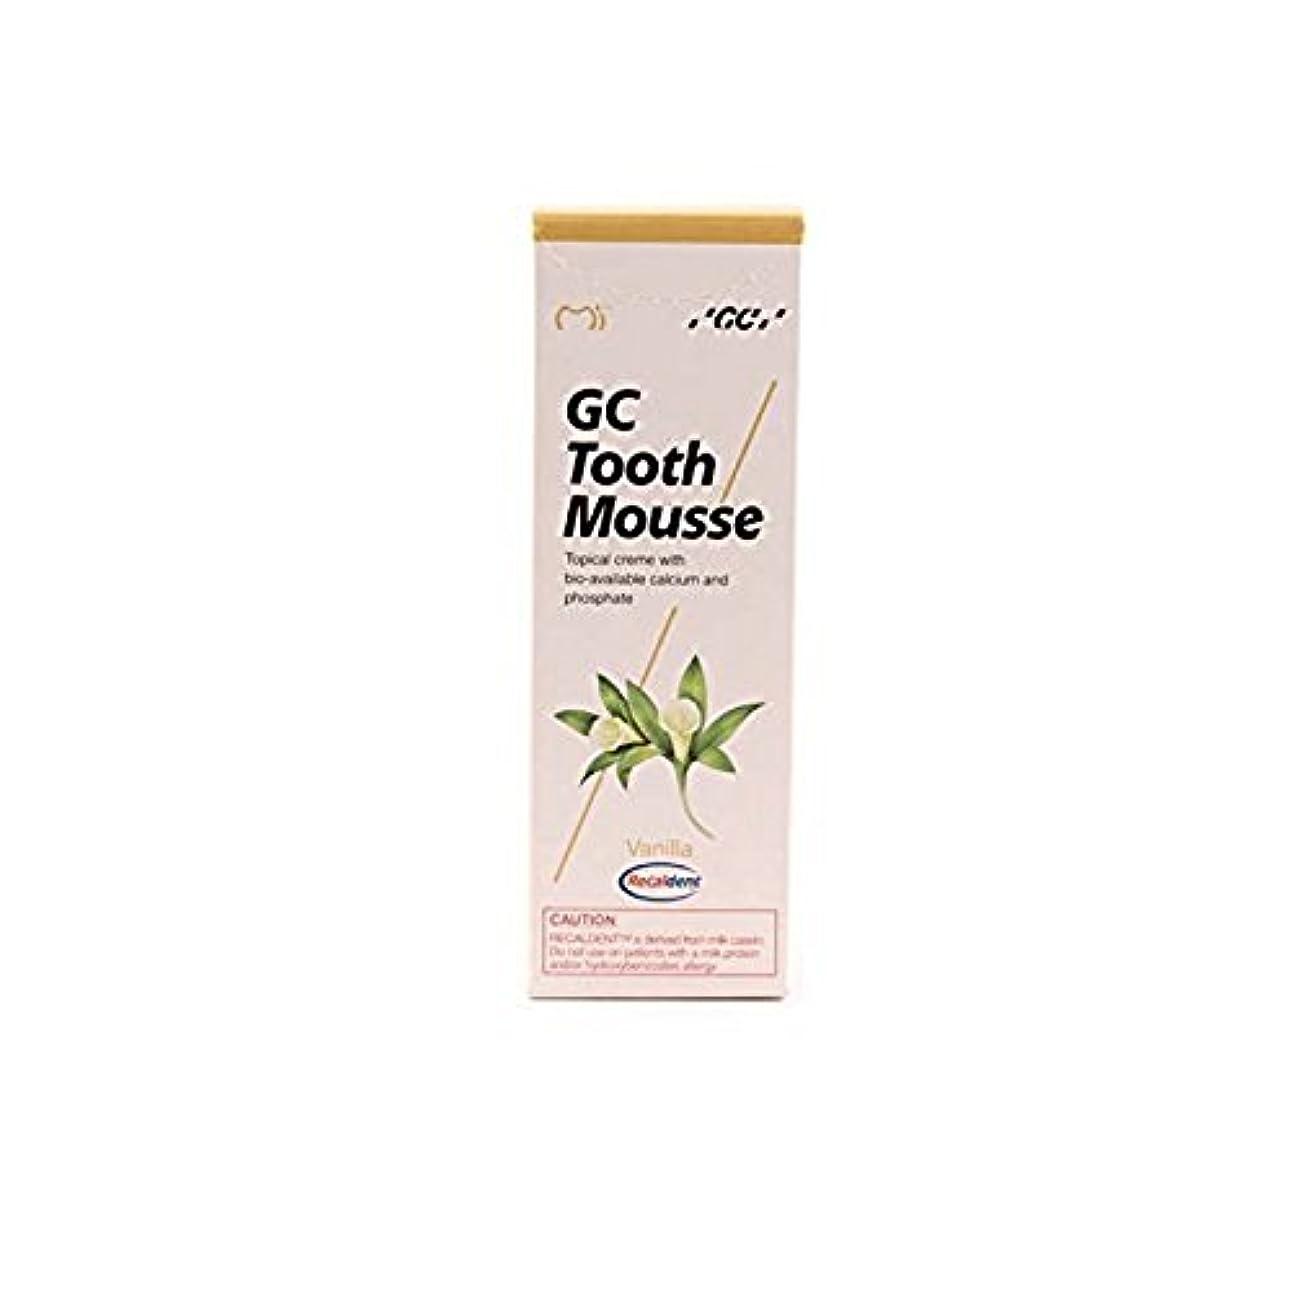 プラスチック公爵非常に怒っていますGc の歯のムース練り歯磨き粉の盛り合わせの味40g (バニラ (Vanilla))